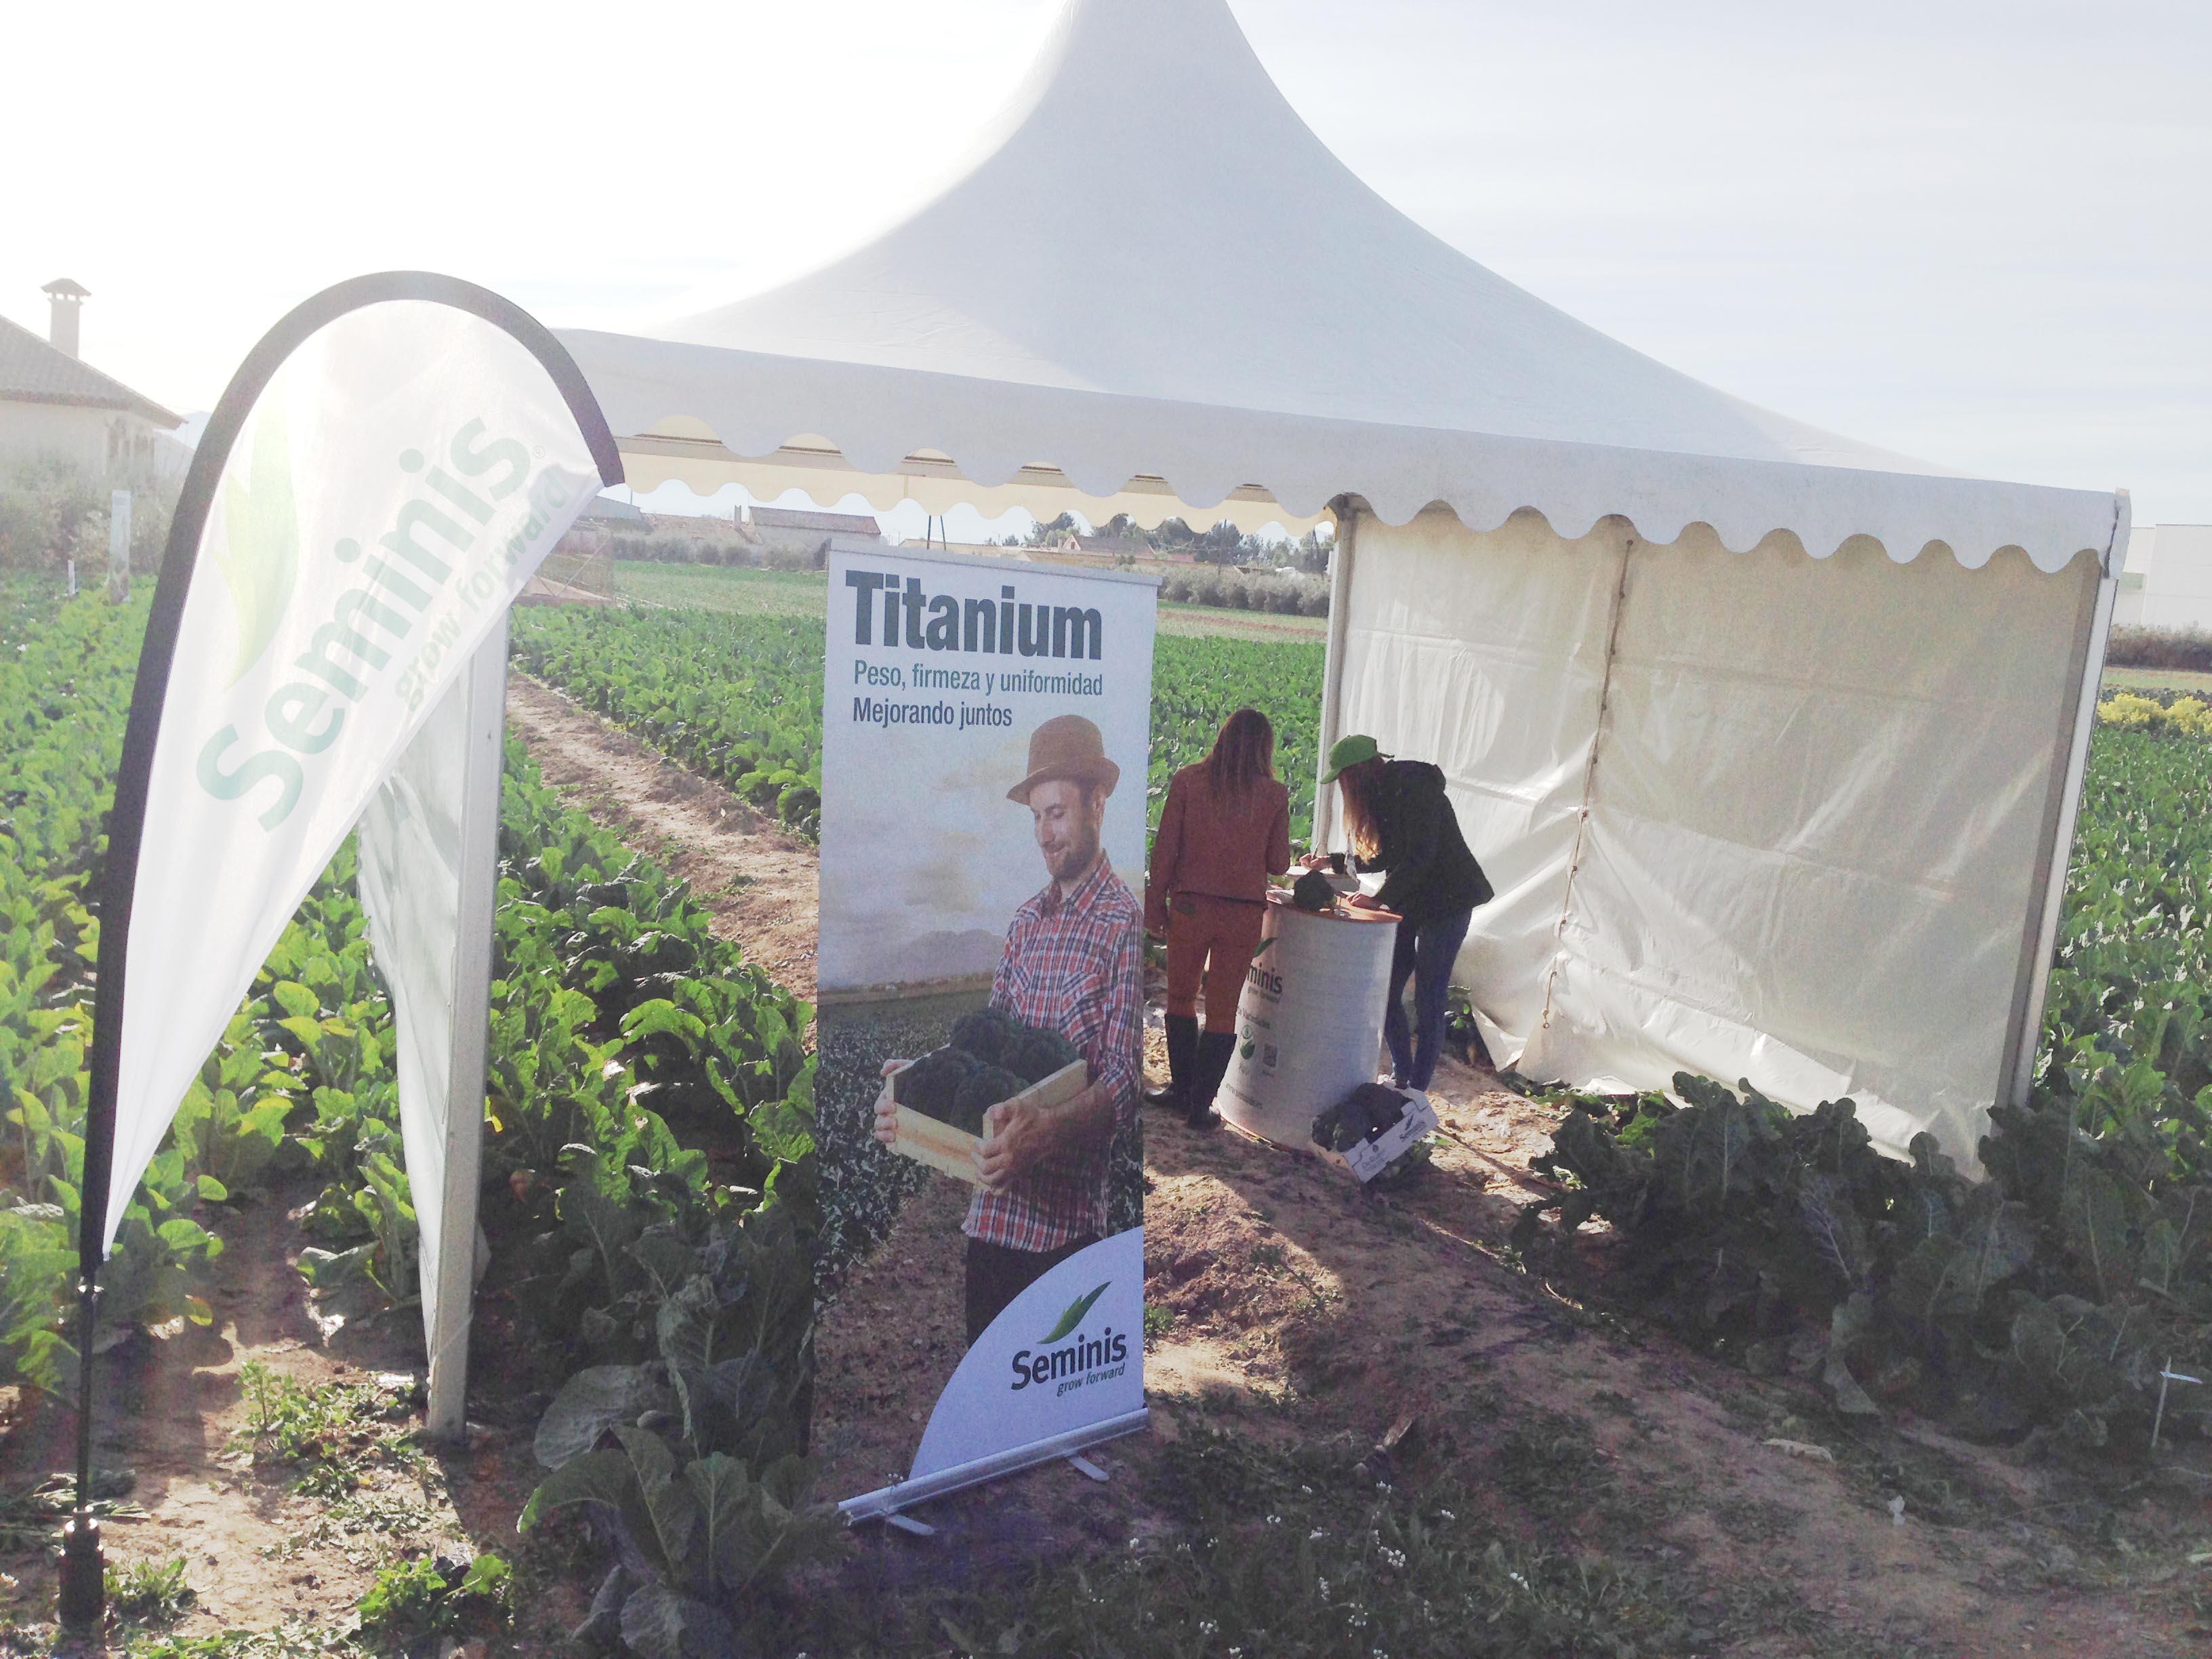 Titanium2